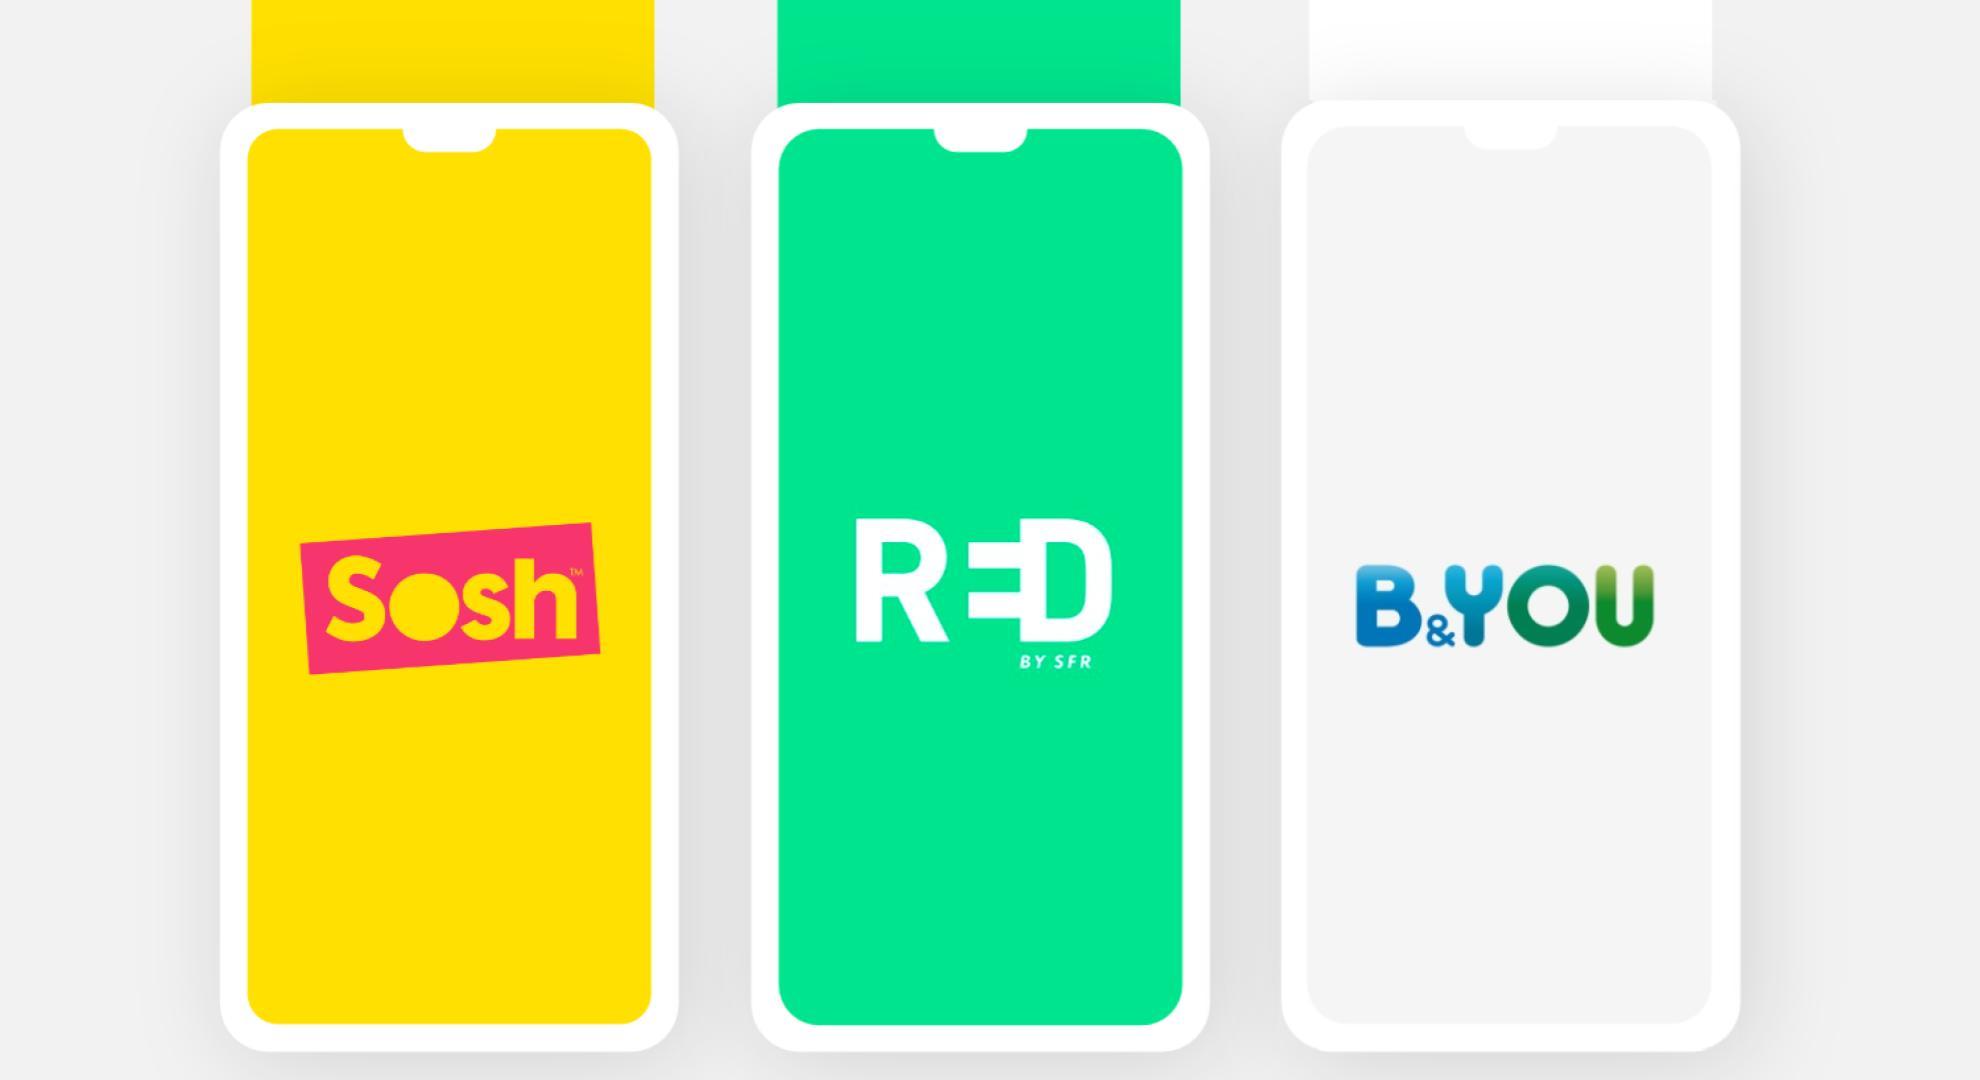 🔥 Forfait mobile : derniers jours pour les offres Sosh, RED, Bouygues et Free à moins de 10 euros